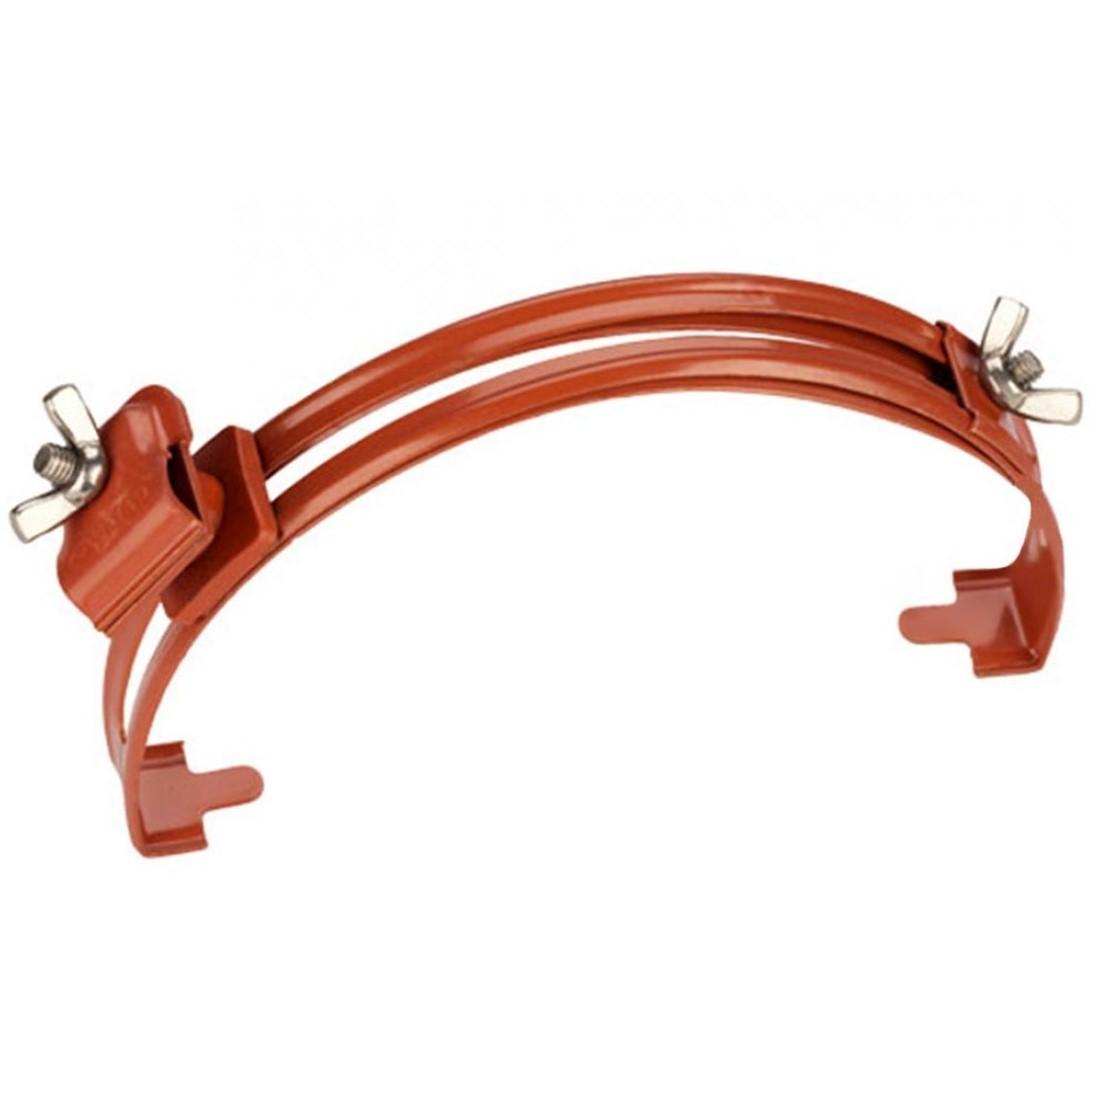 GALMAR GL-11564A — зажим на конёк для токоотвода с его возвышением над зажимом на 15 мм (крашенная оцинкованная сталь)